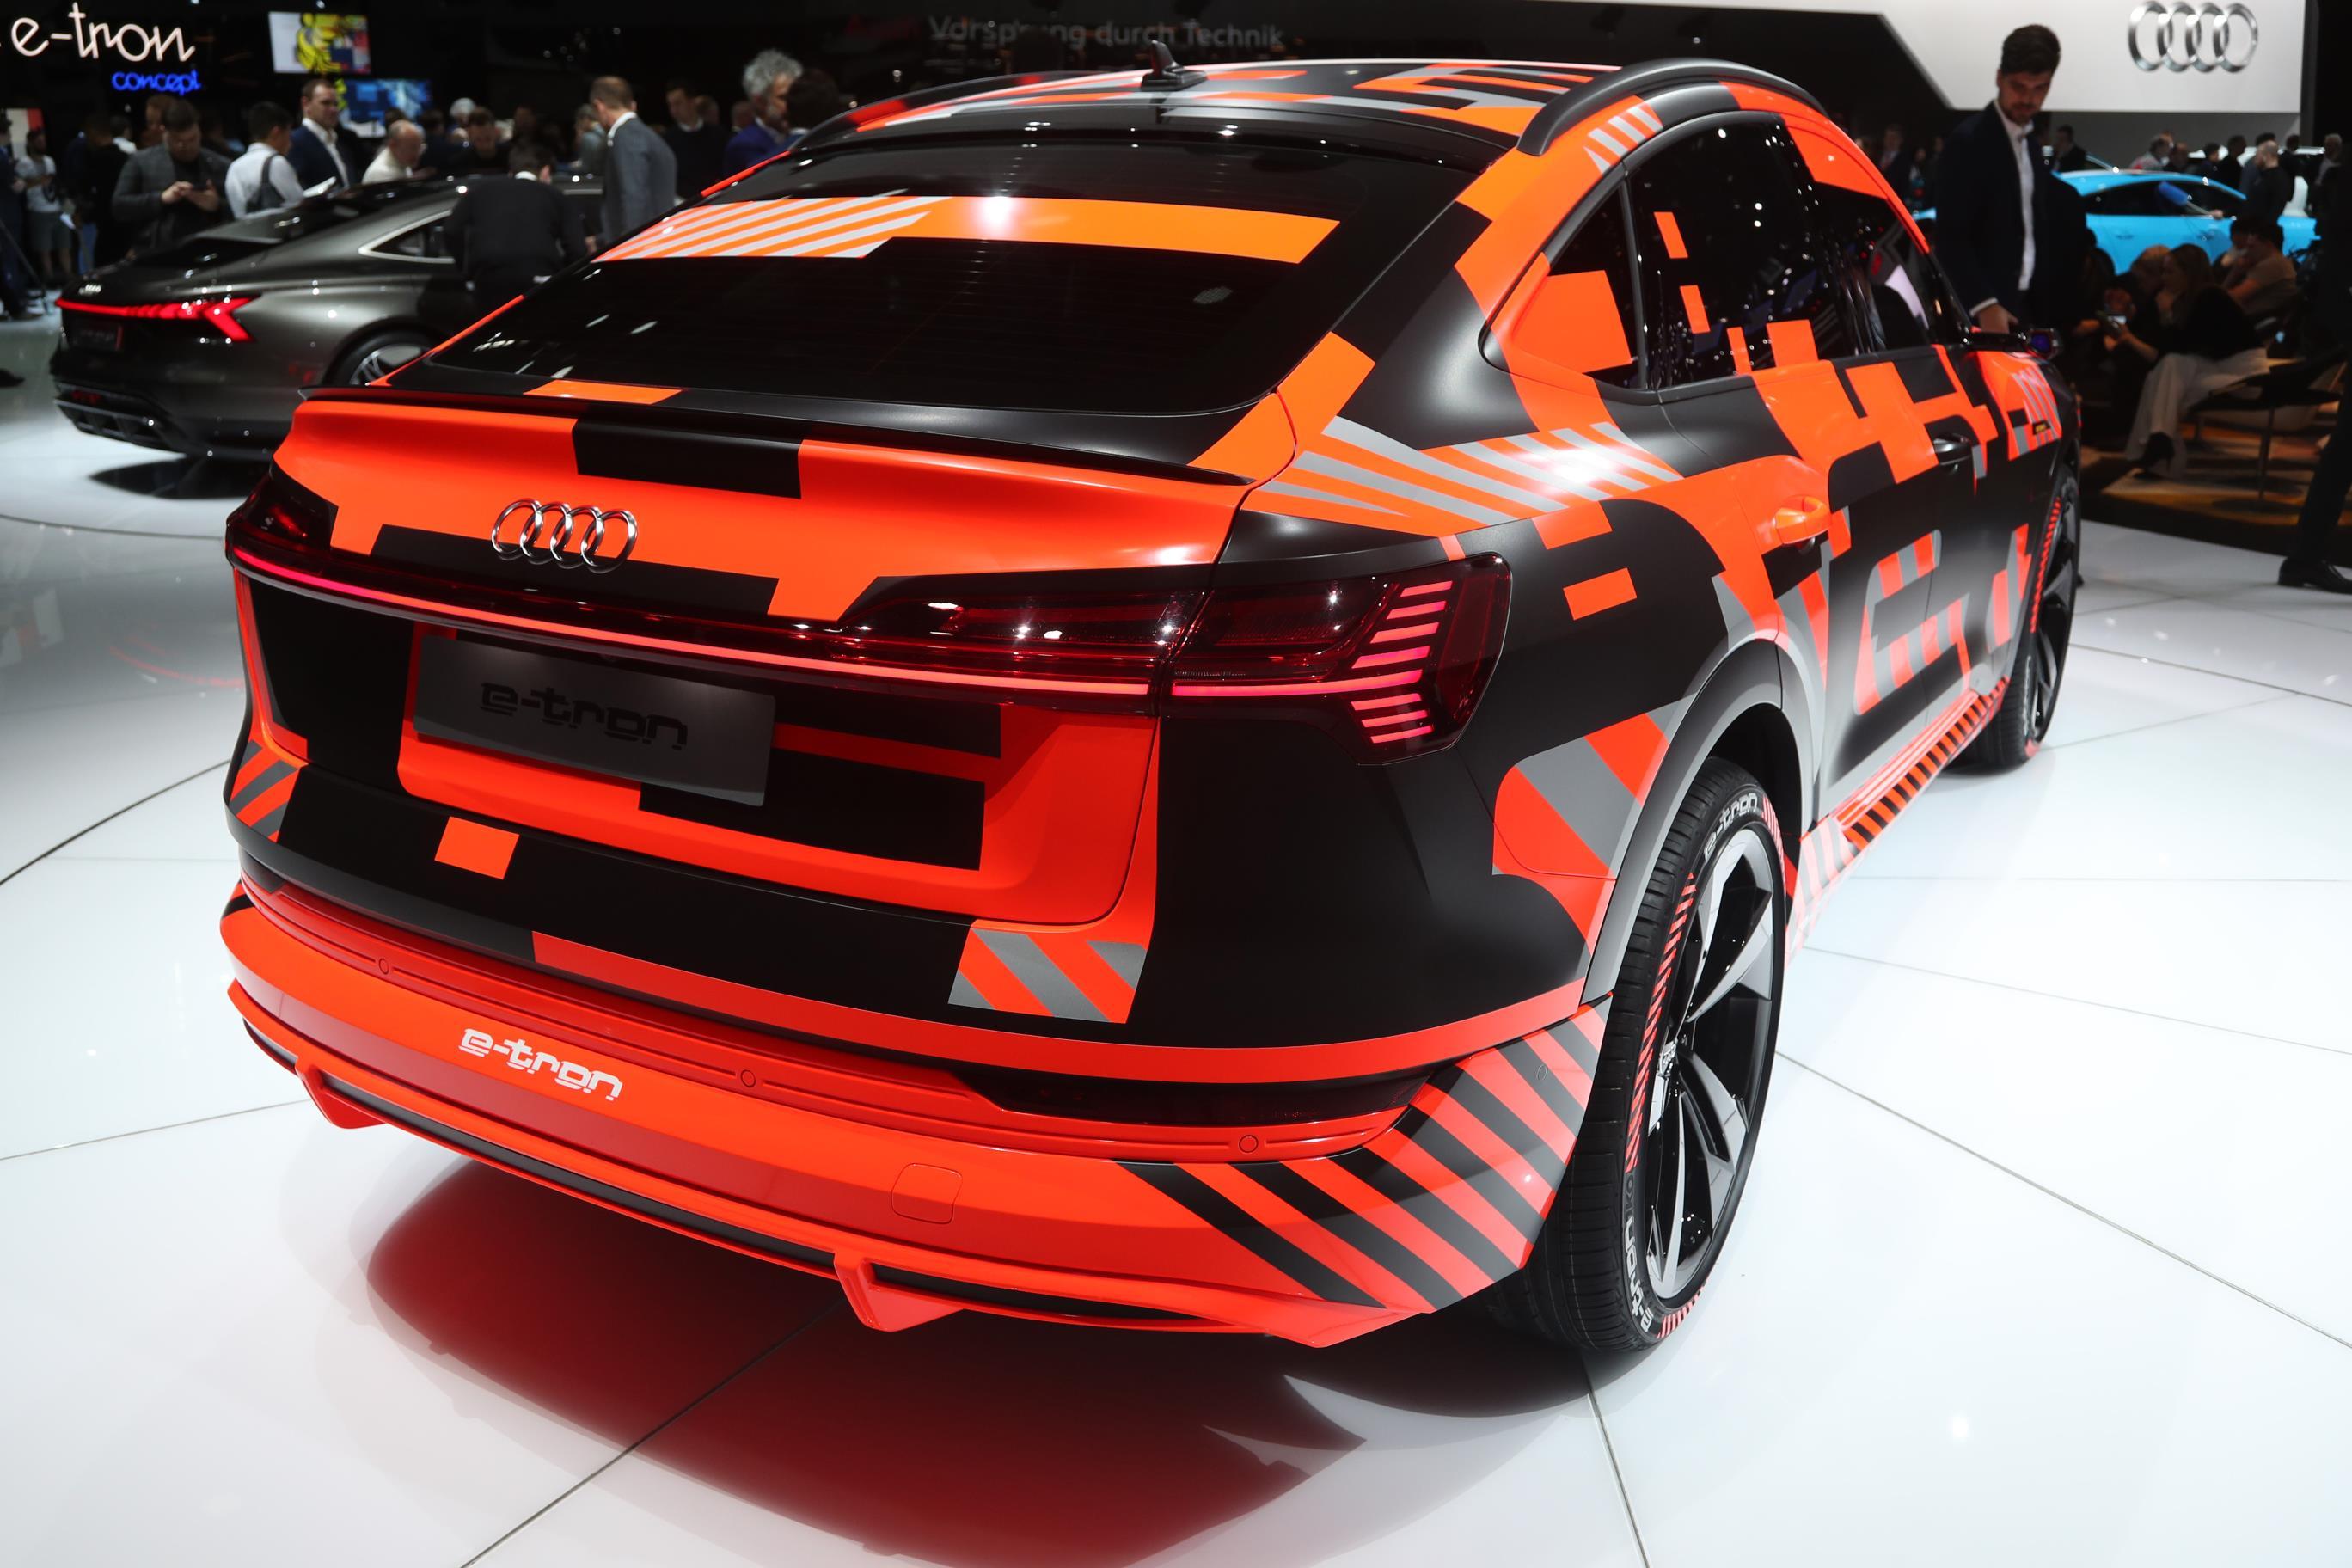 Audi E-Tron Sportback Prototype Geneva 2019 (7)